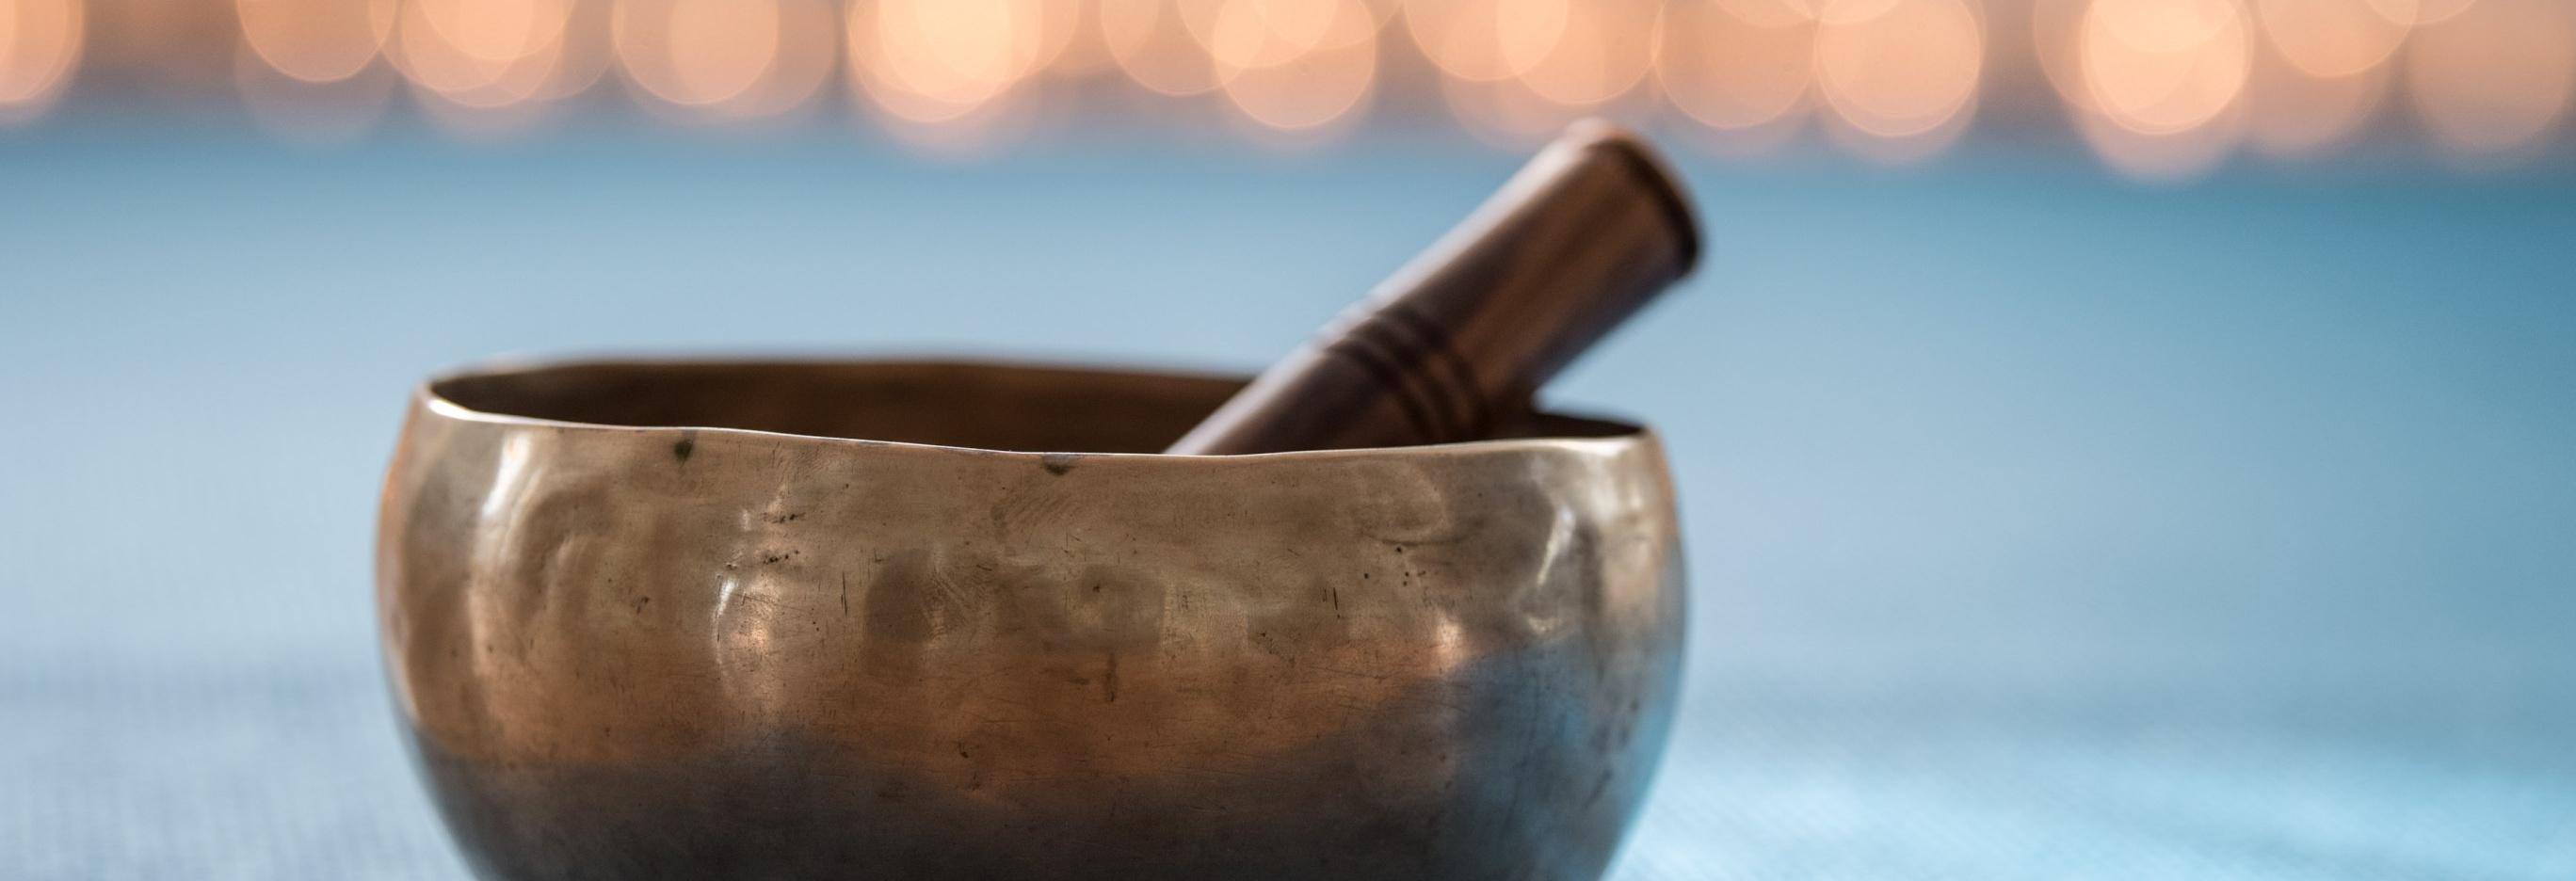 meditacnimiska.jpg